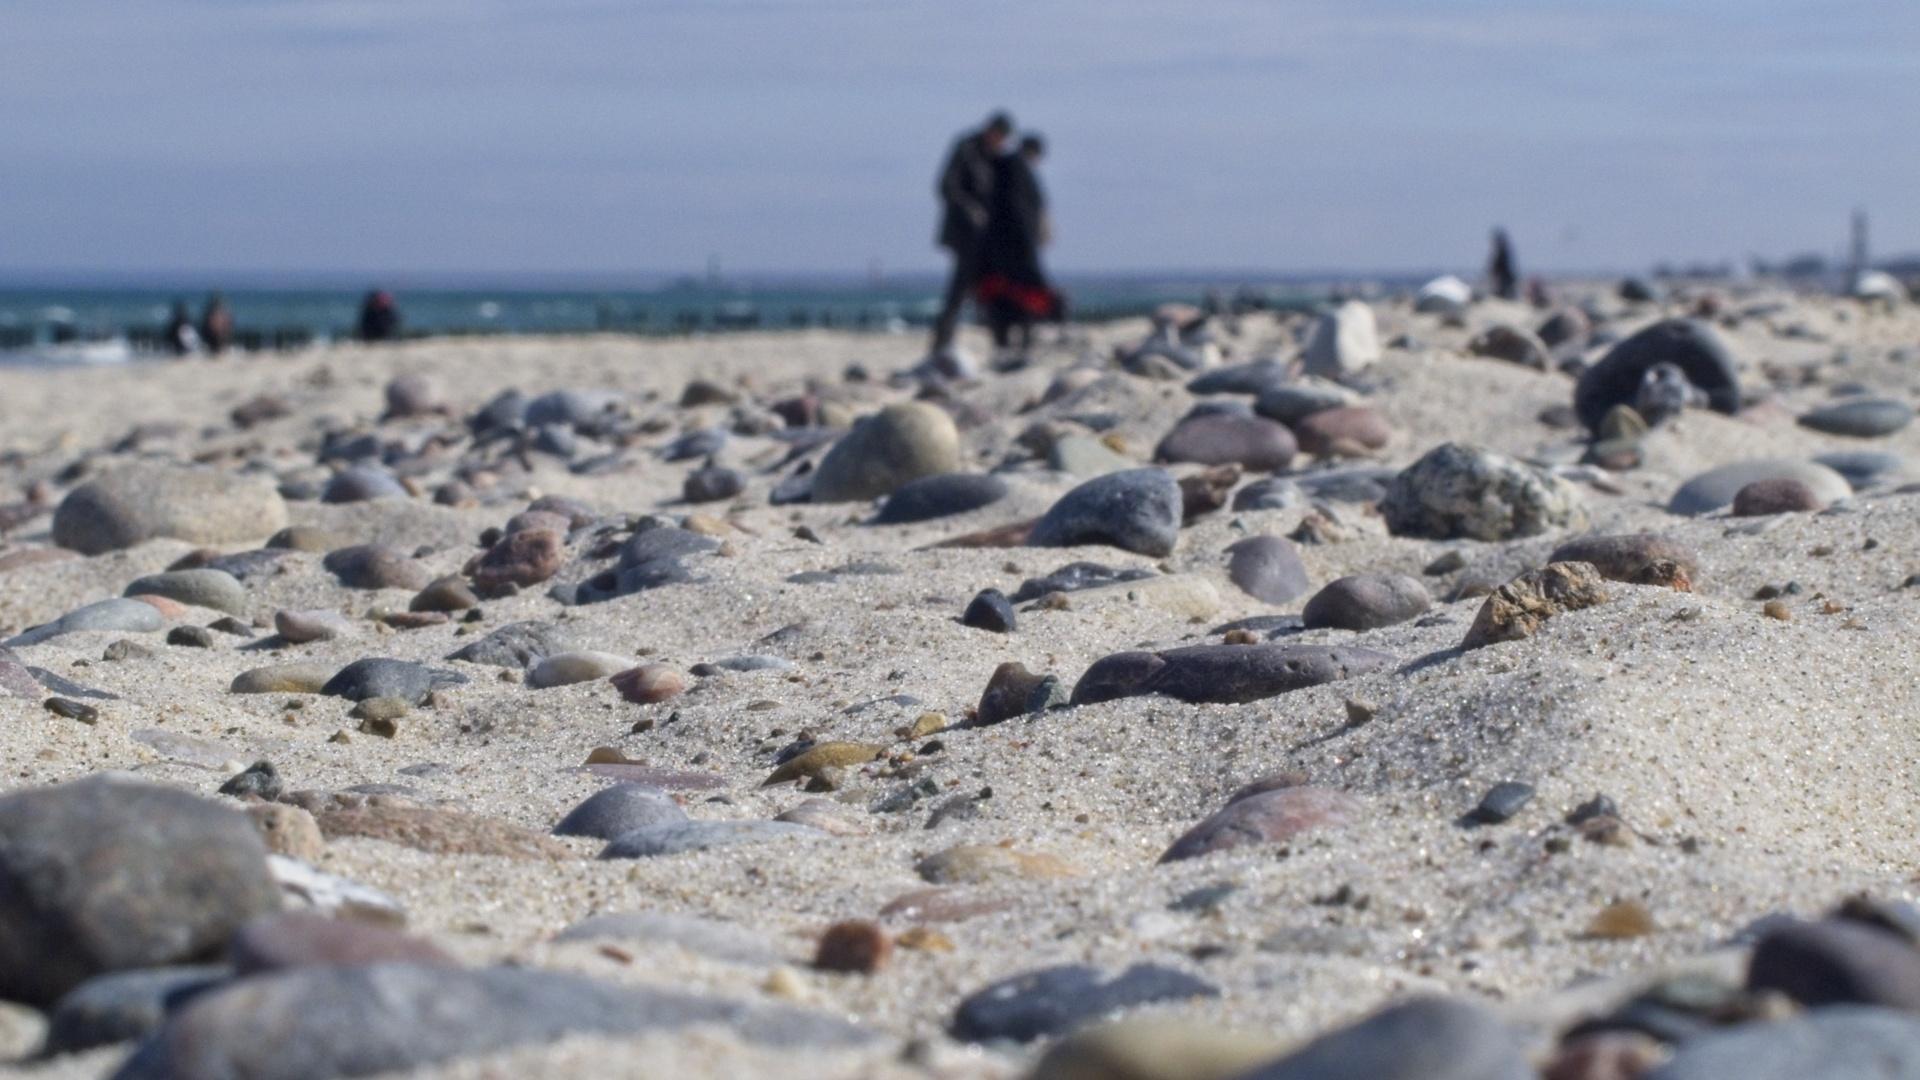 Strandgut / Flotsam